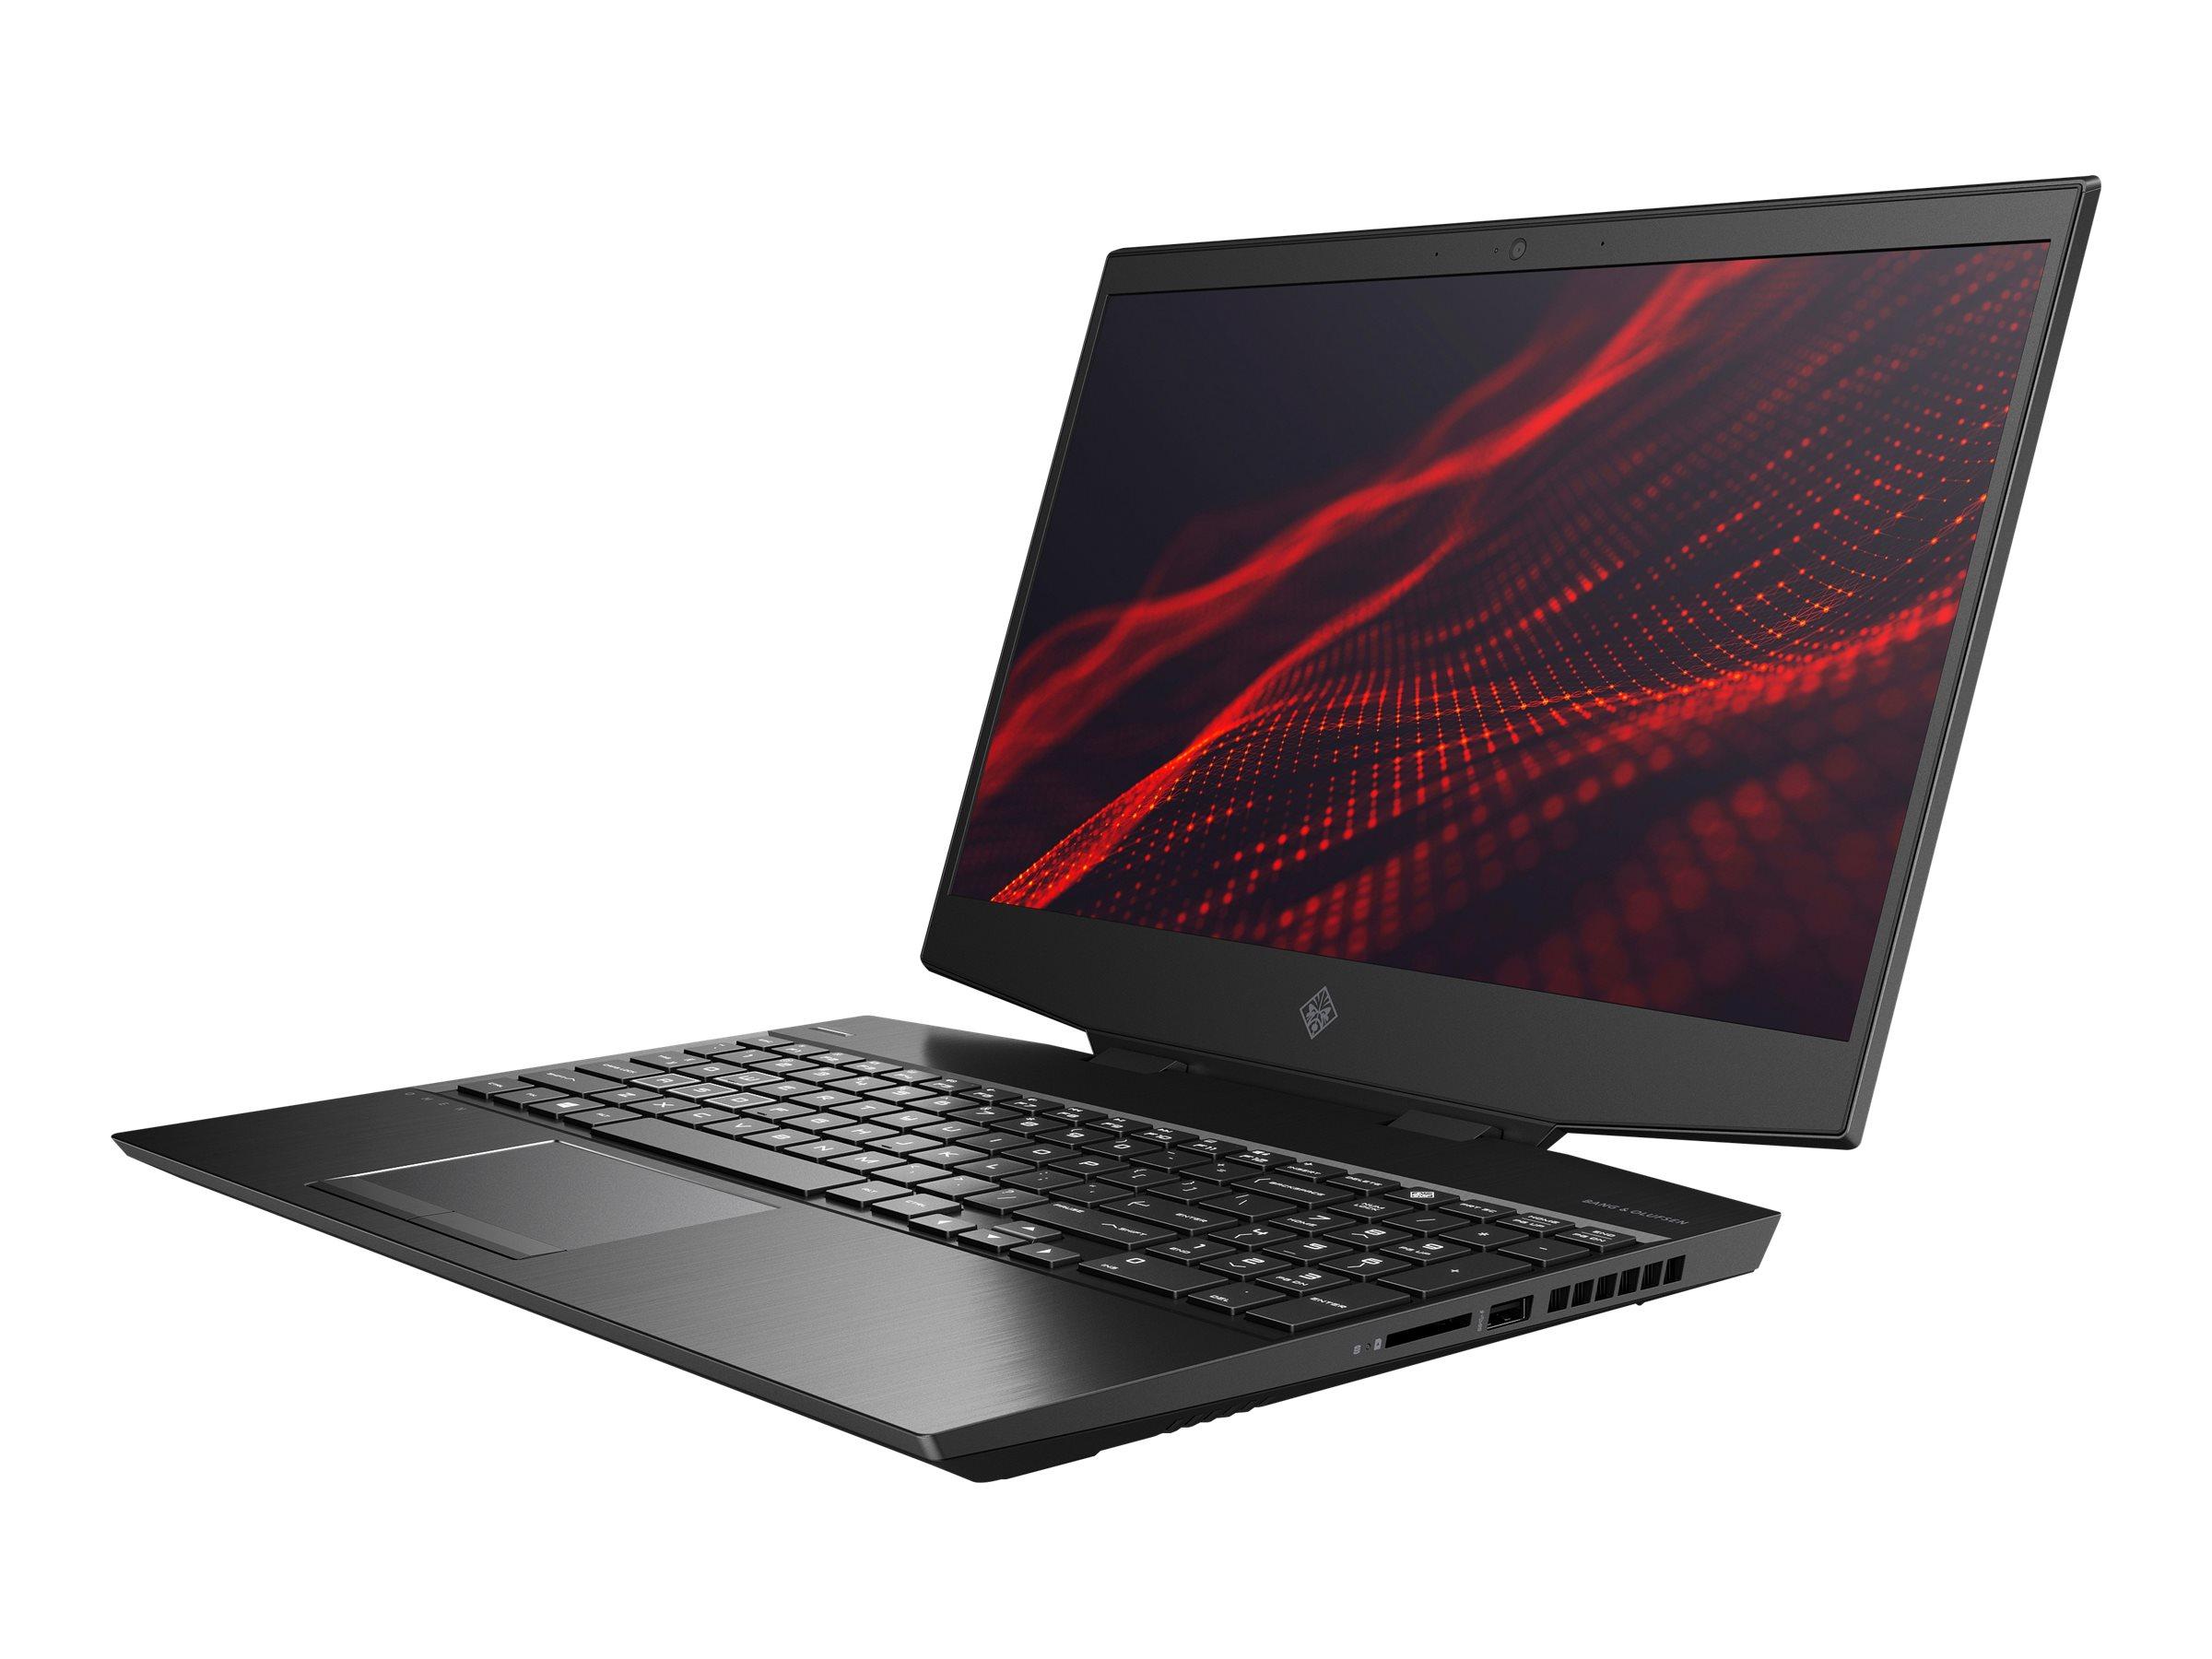 HP OMEN by HP 15-dh1085ng - Core i7 10750H / 2.6 GHz - Win 10 Home 64-Bit - 16 GB RAM - 512 GB SSD NVMe + 1 TB HDD - 39.6 cm (15